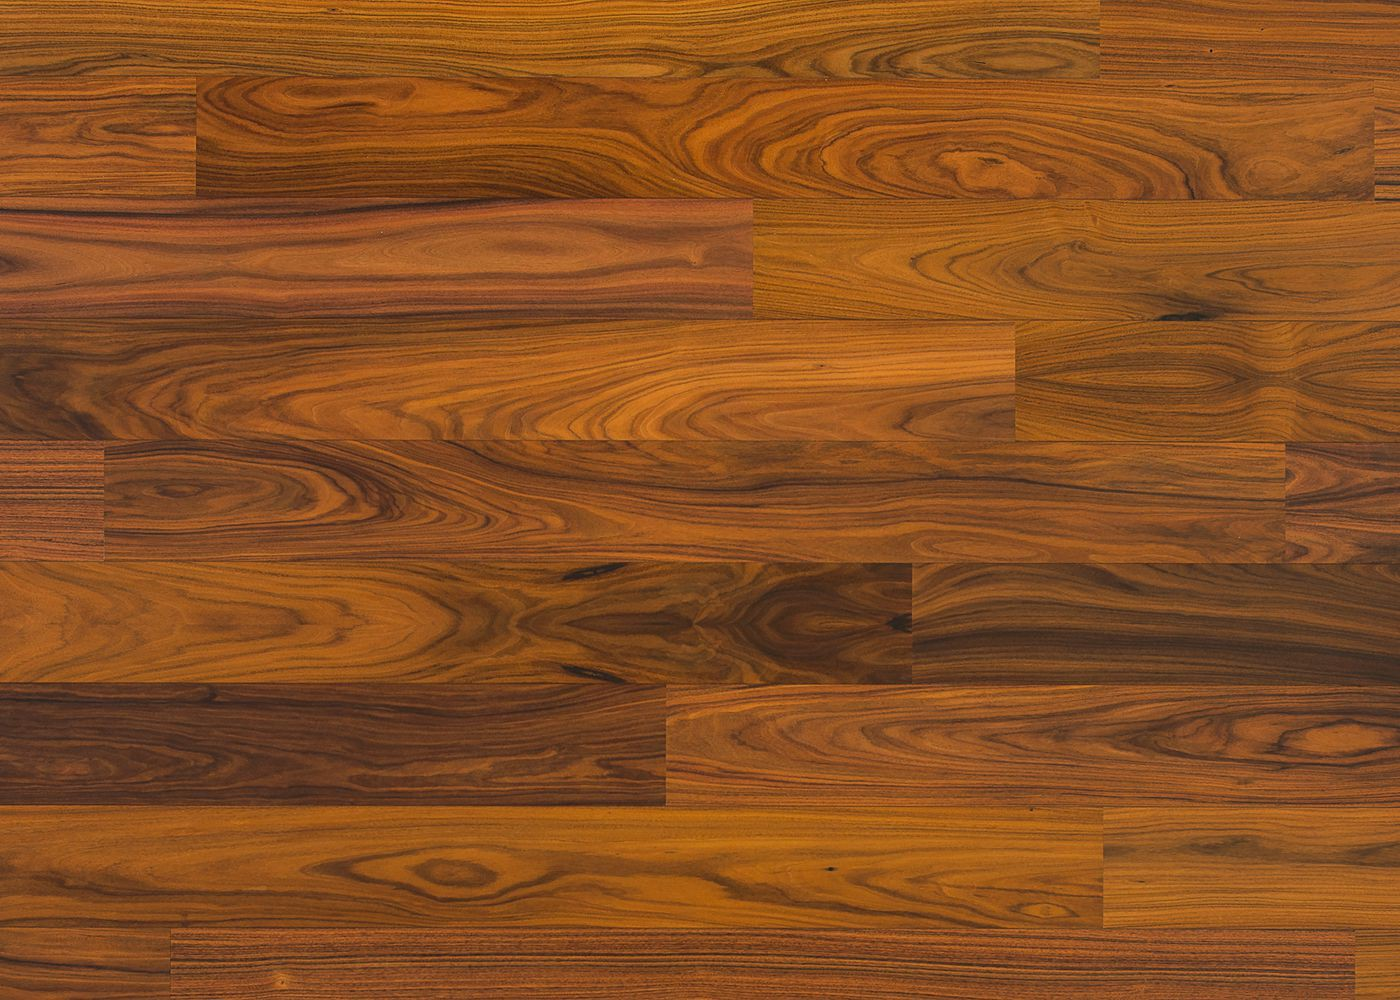 Sol plaqué bois Rosewood vernis satiné - Lounge - Select 8x124x1203